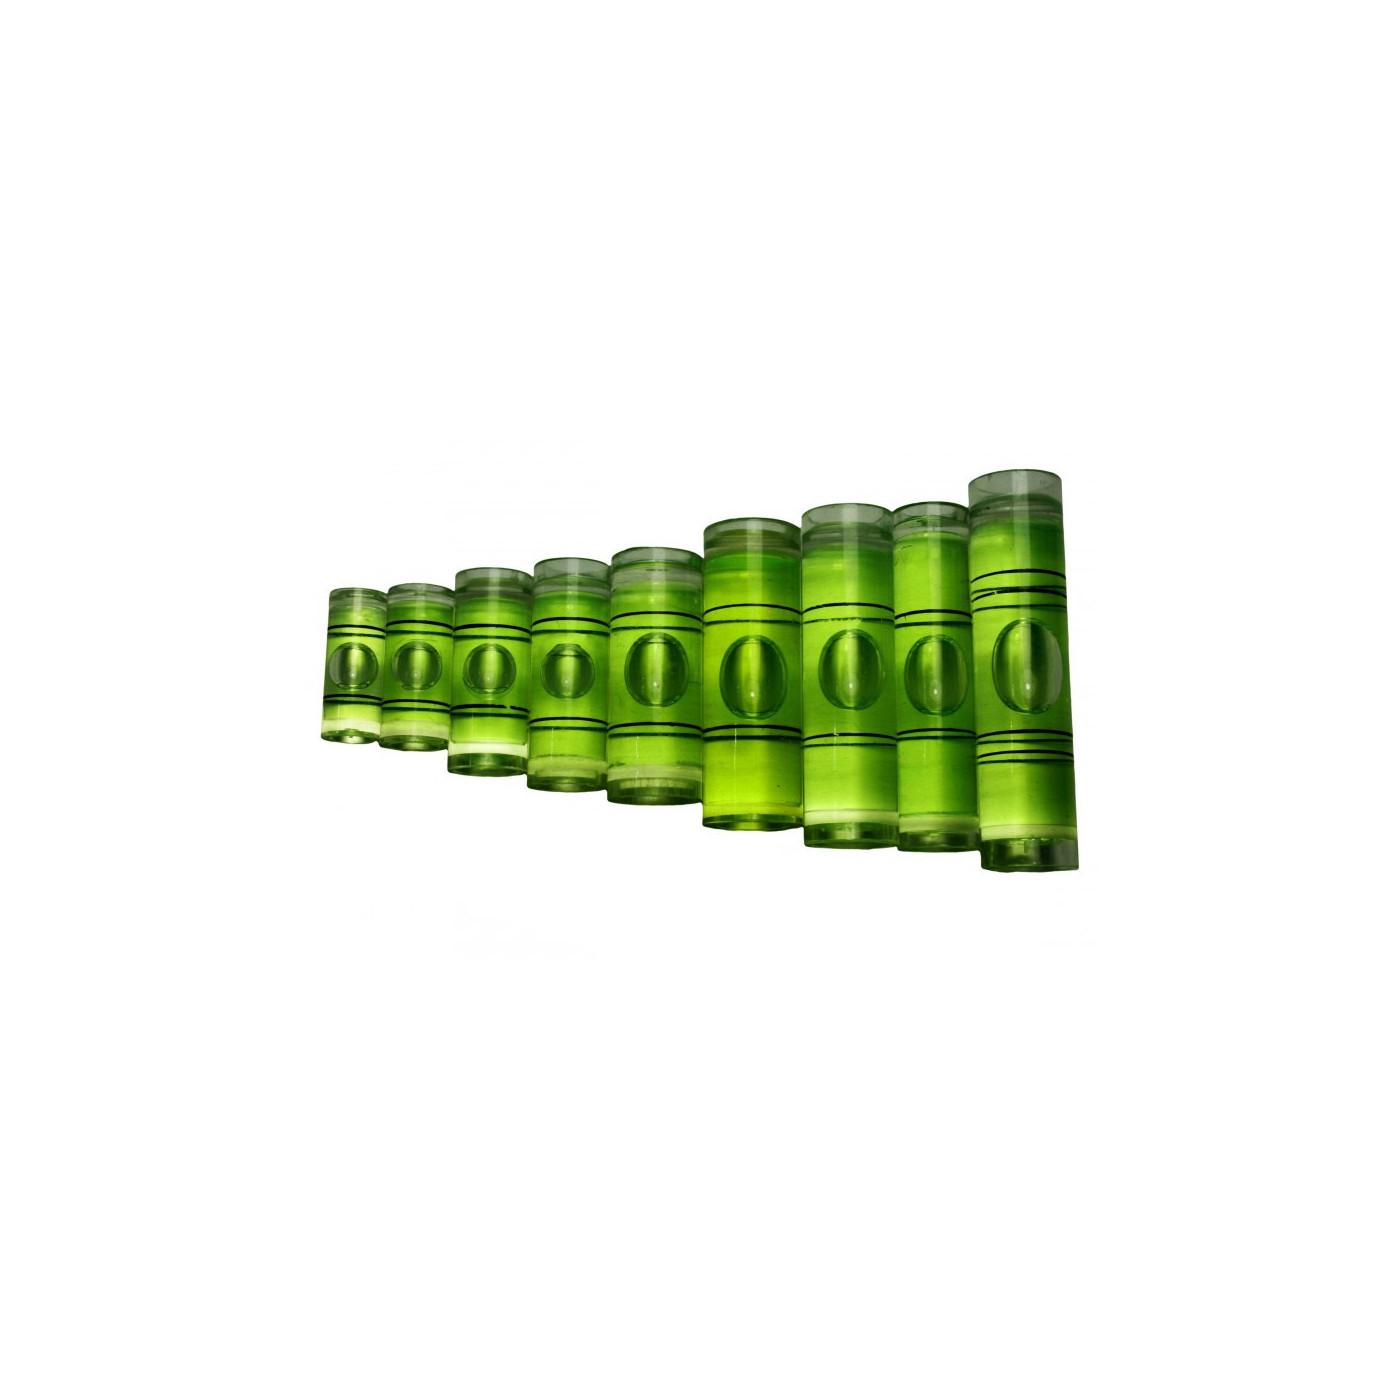 Conjunto de 20 viales para niveles de burbuja (tamaño 1, verde)  - 1